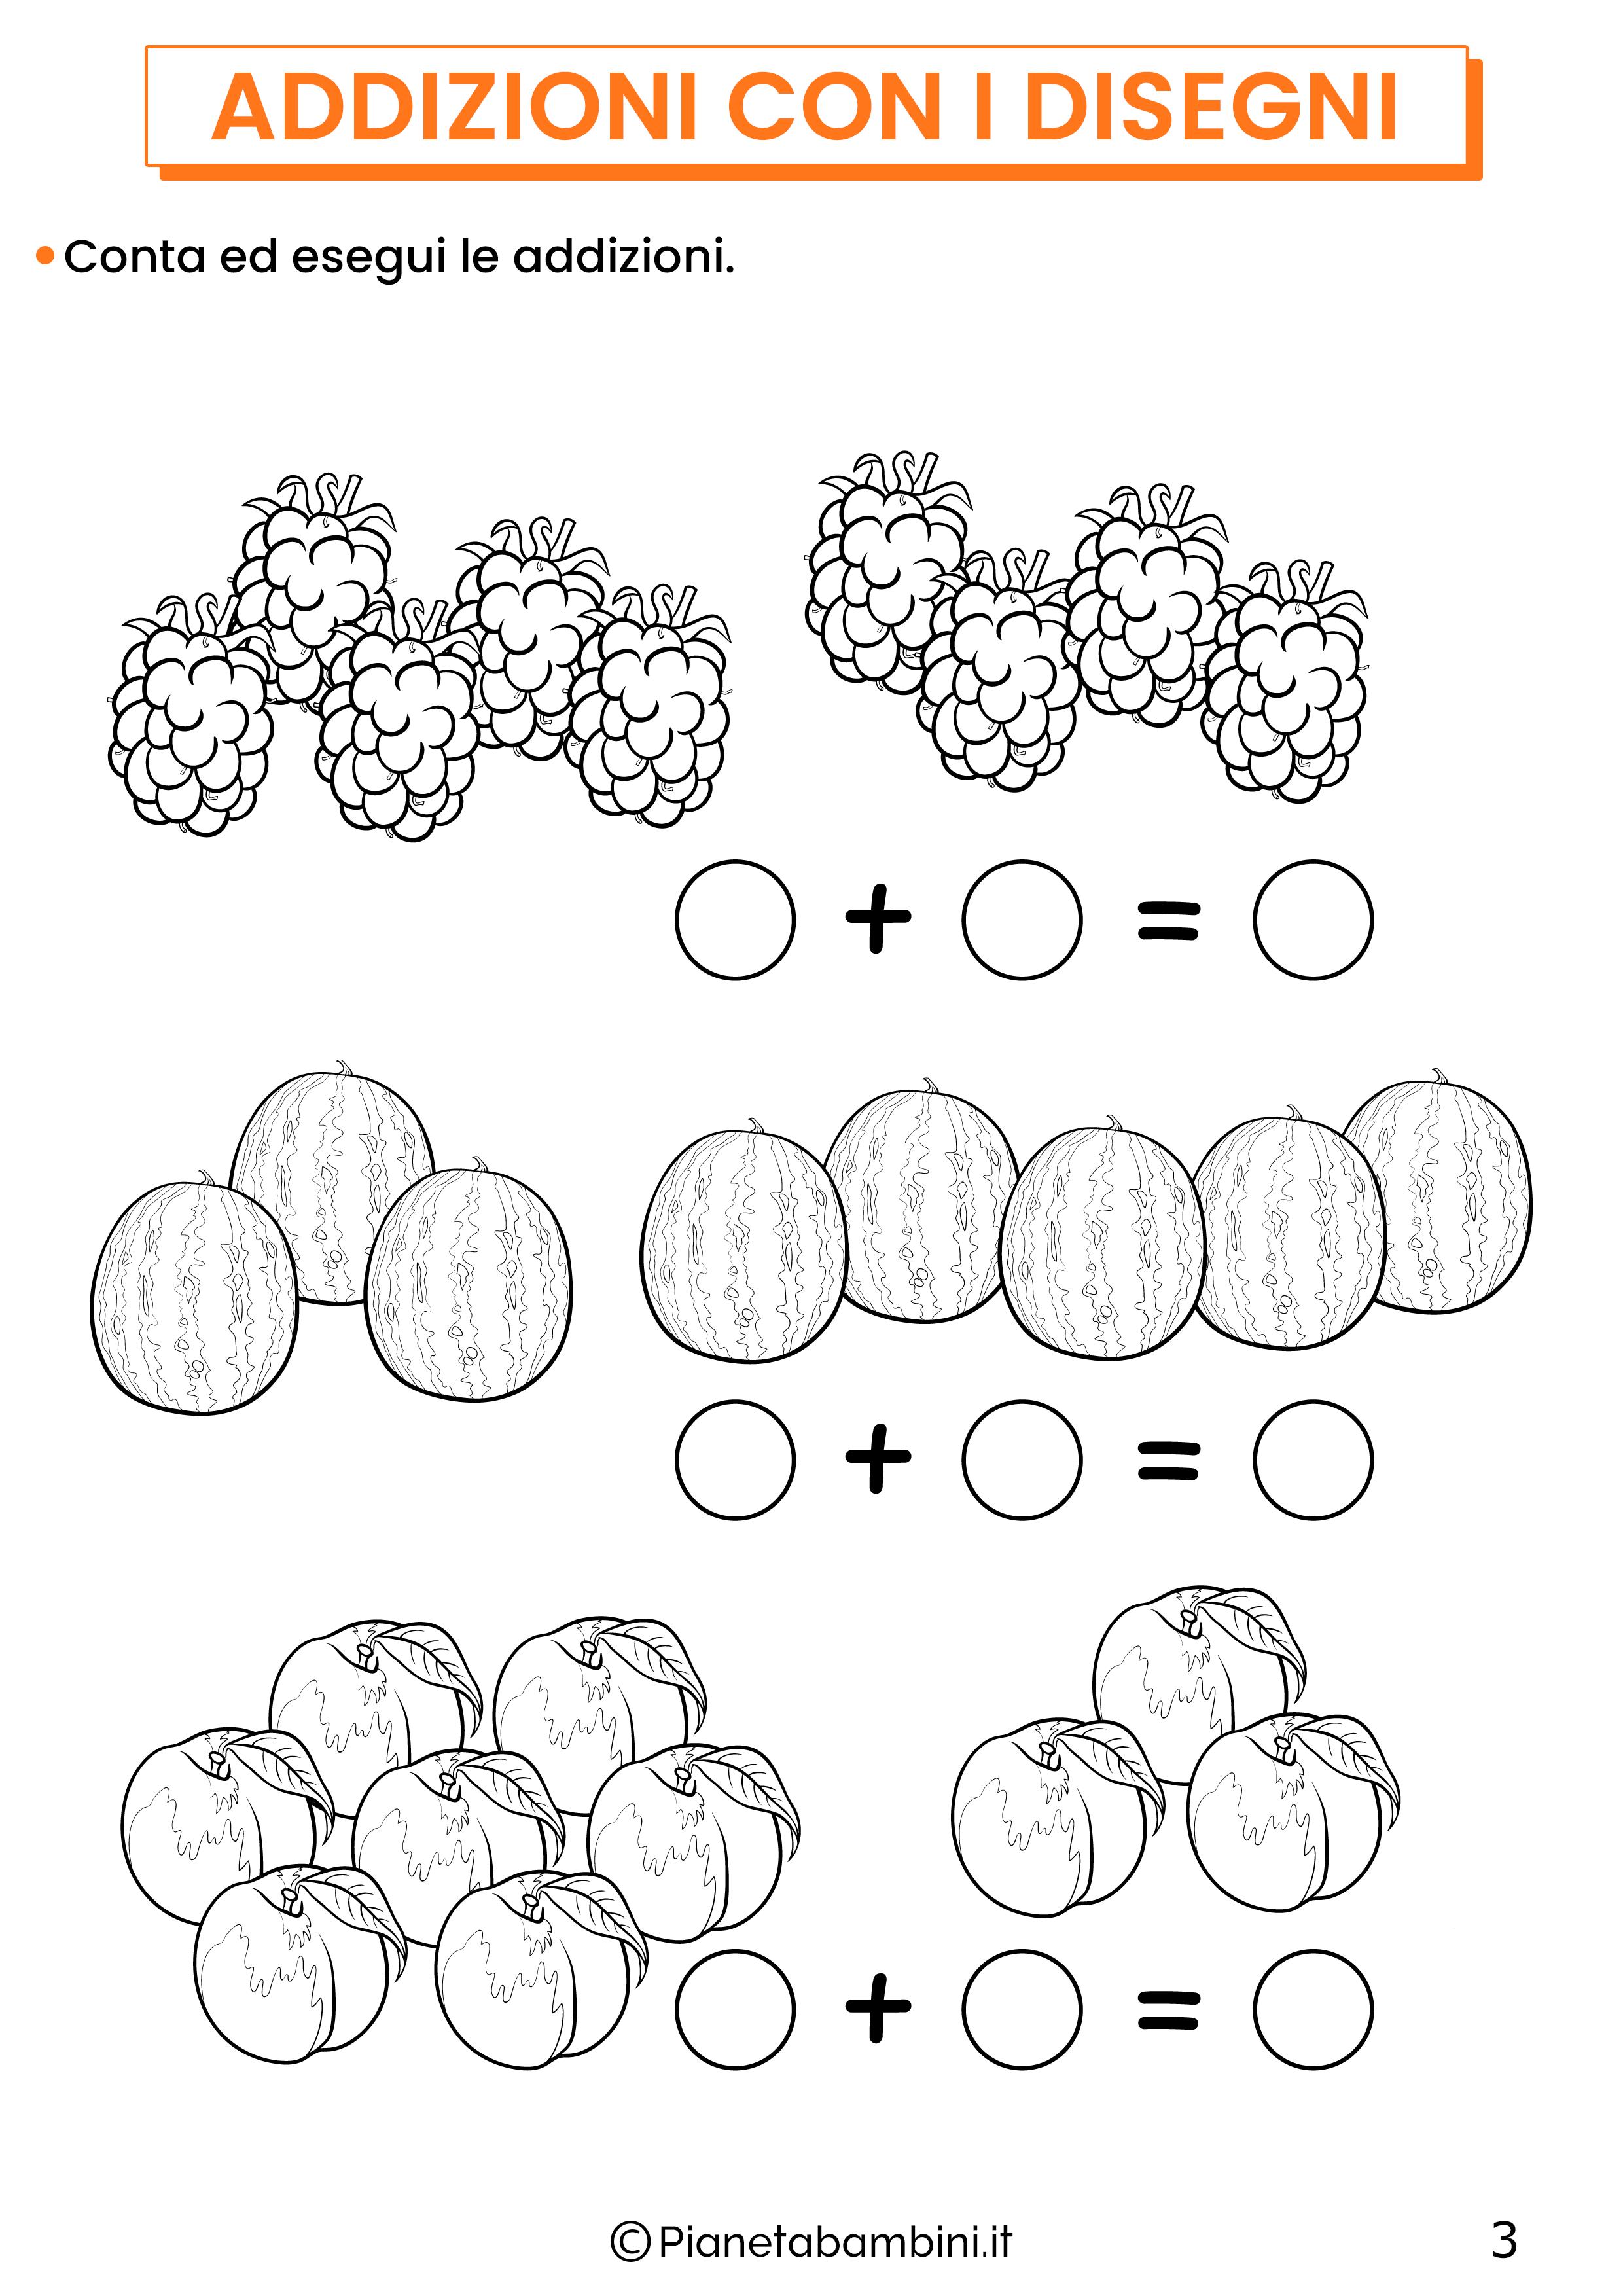 Addizioni con disegni per la classe prima pagina 3